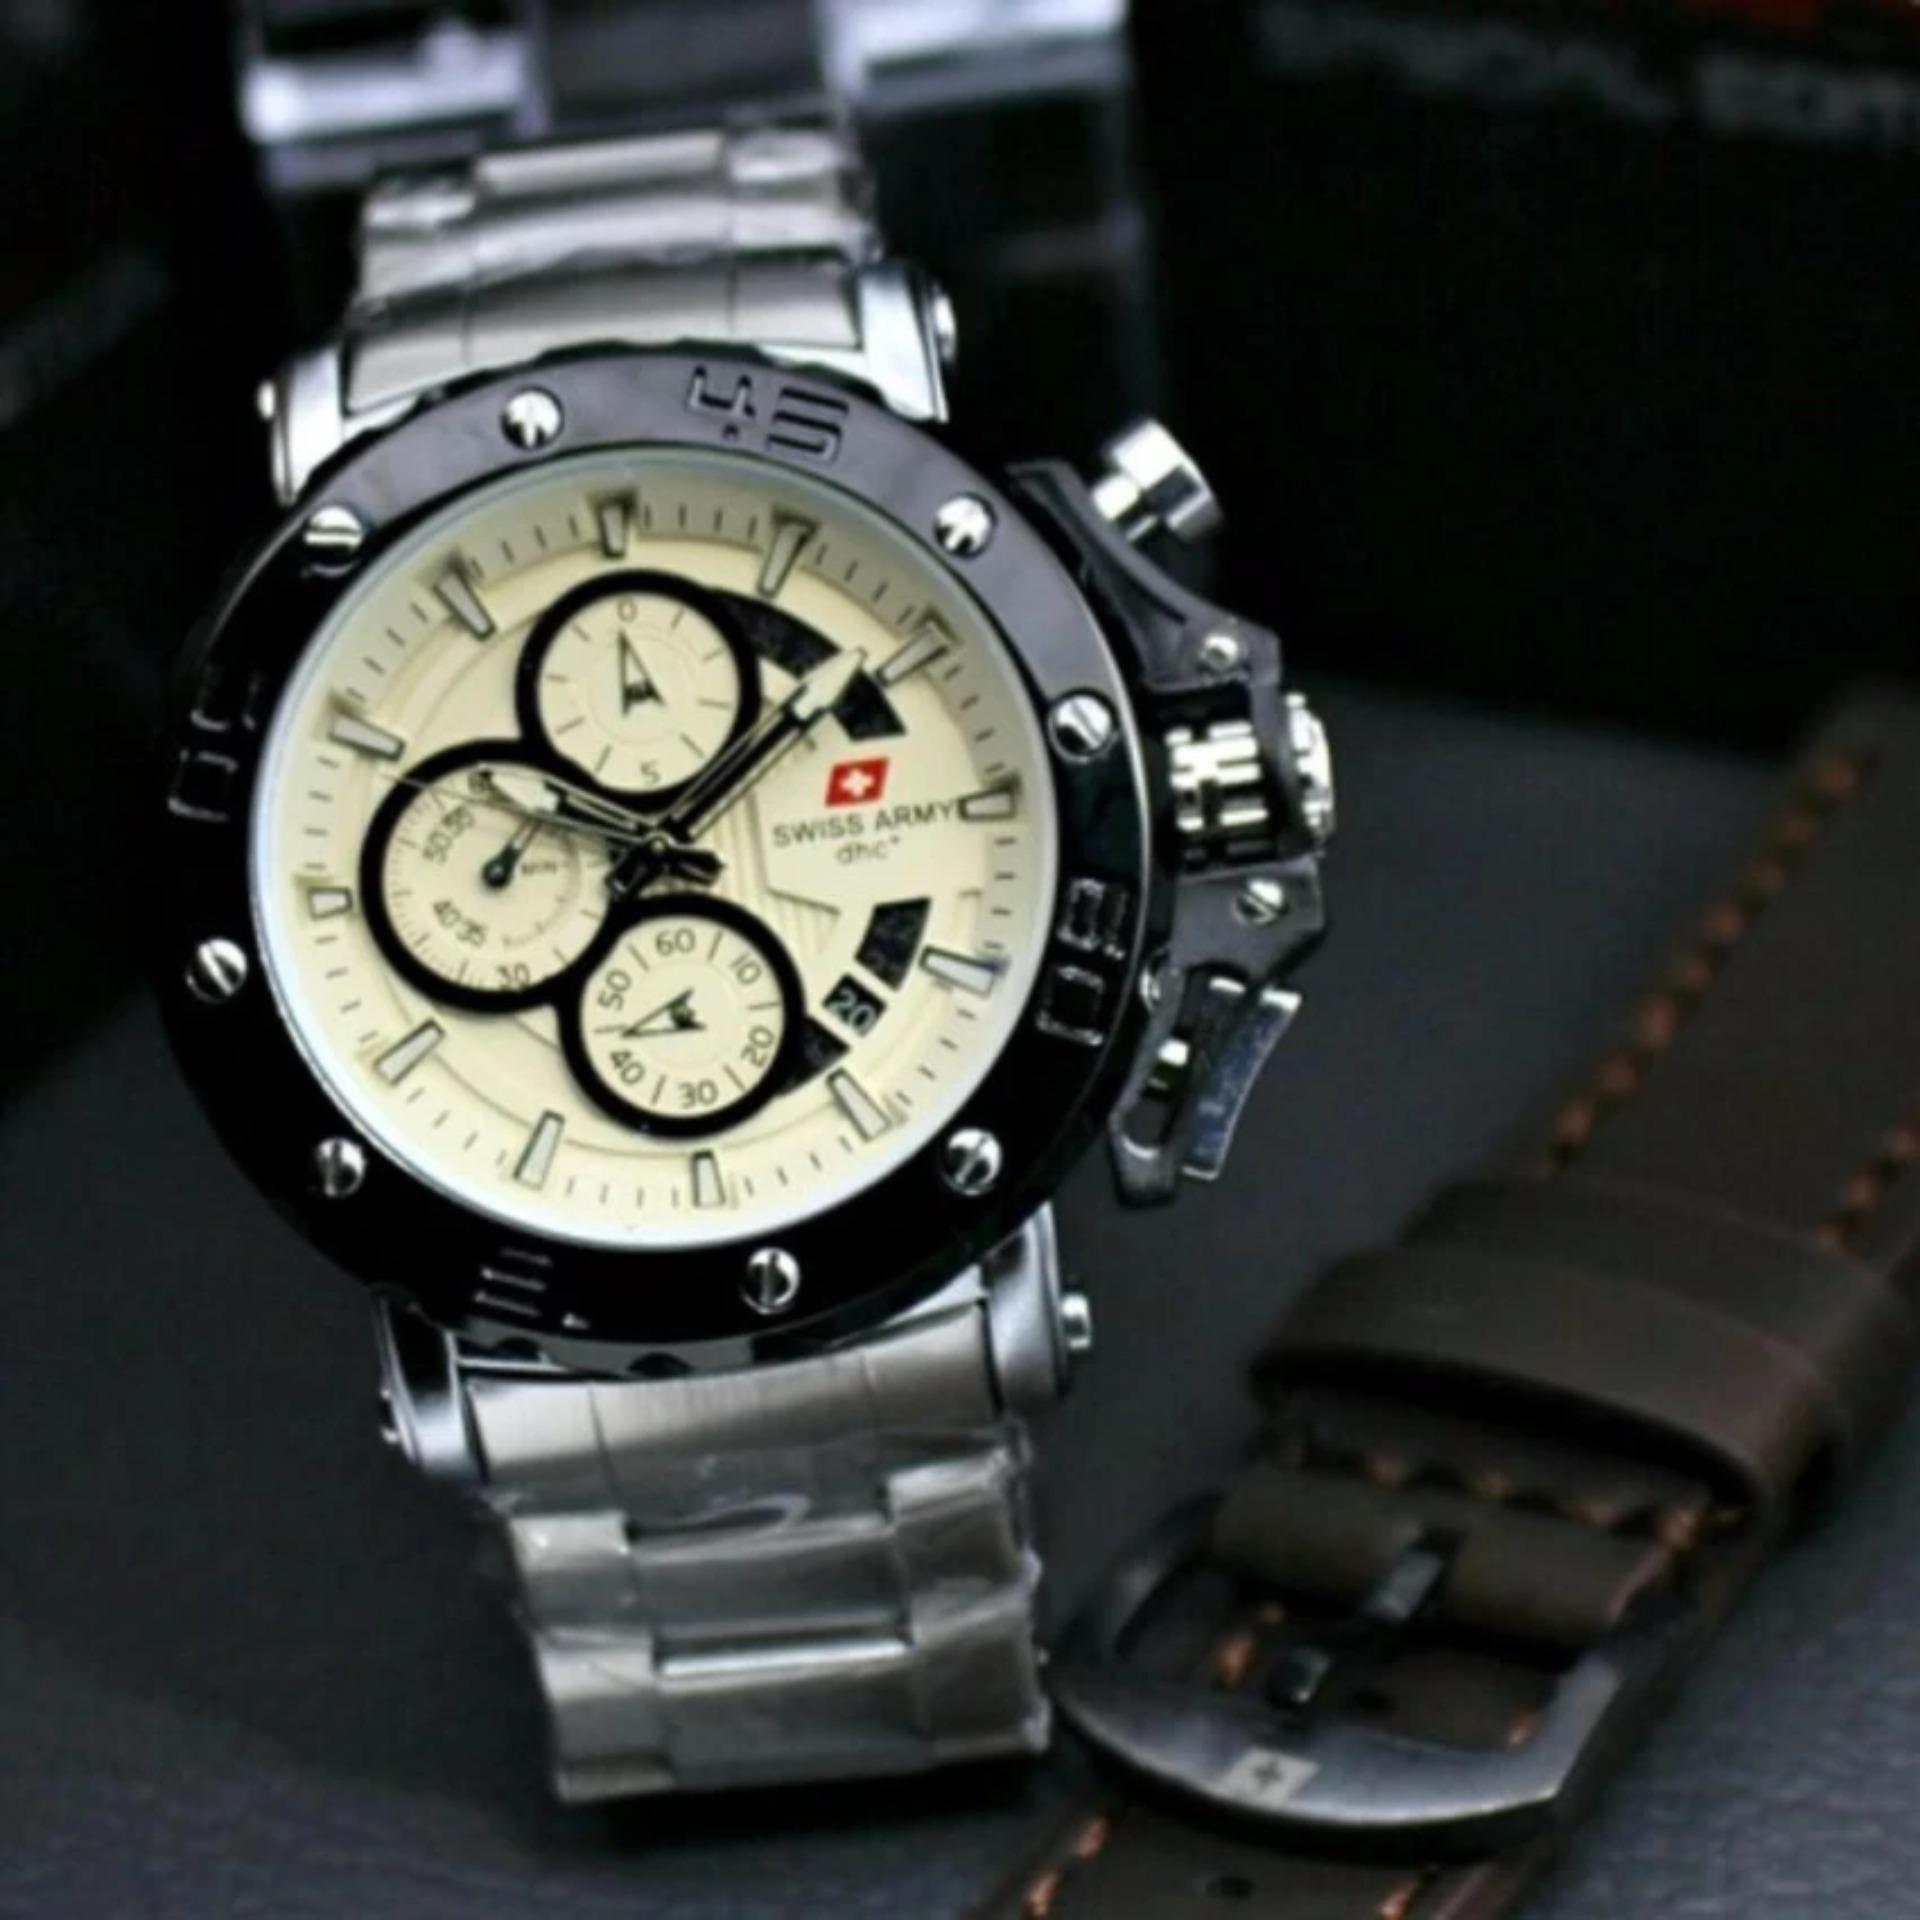 Spesifikasi Jam Tangan Pria Swiss Army Original Crono Aktif Sa678 Strap Rantai Bonus Strap Leather